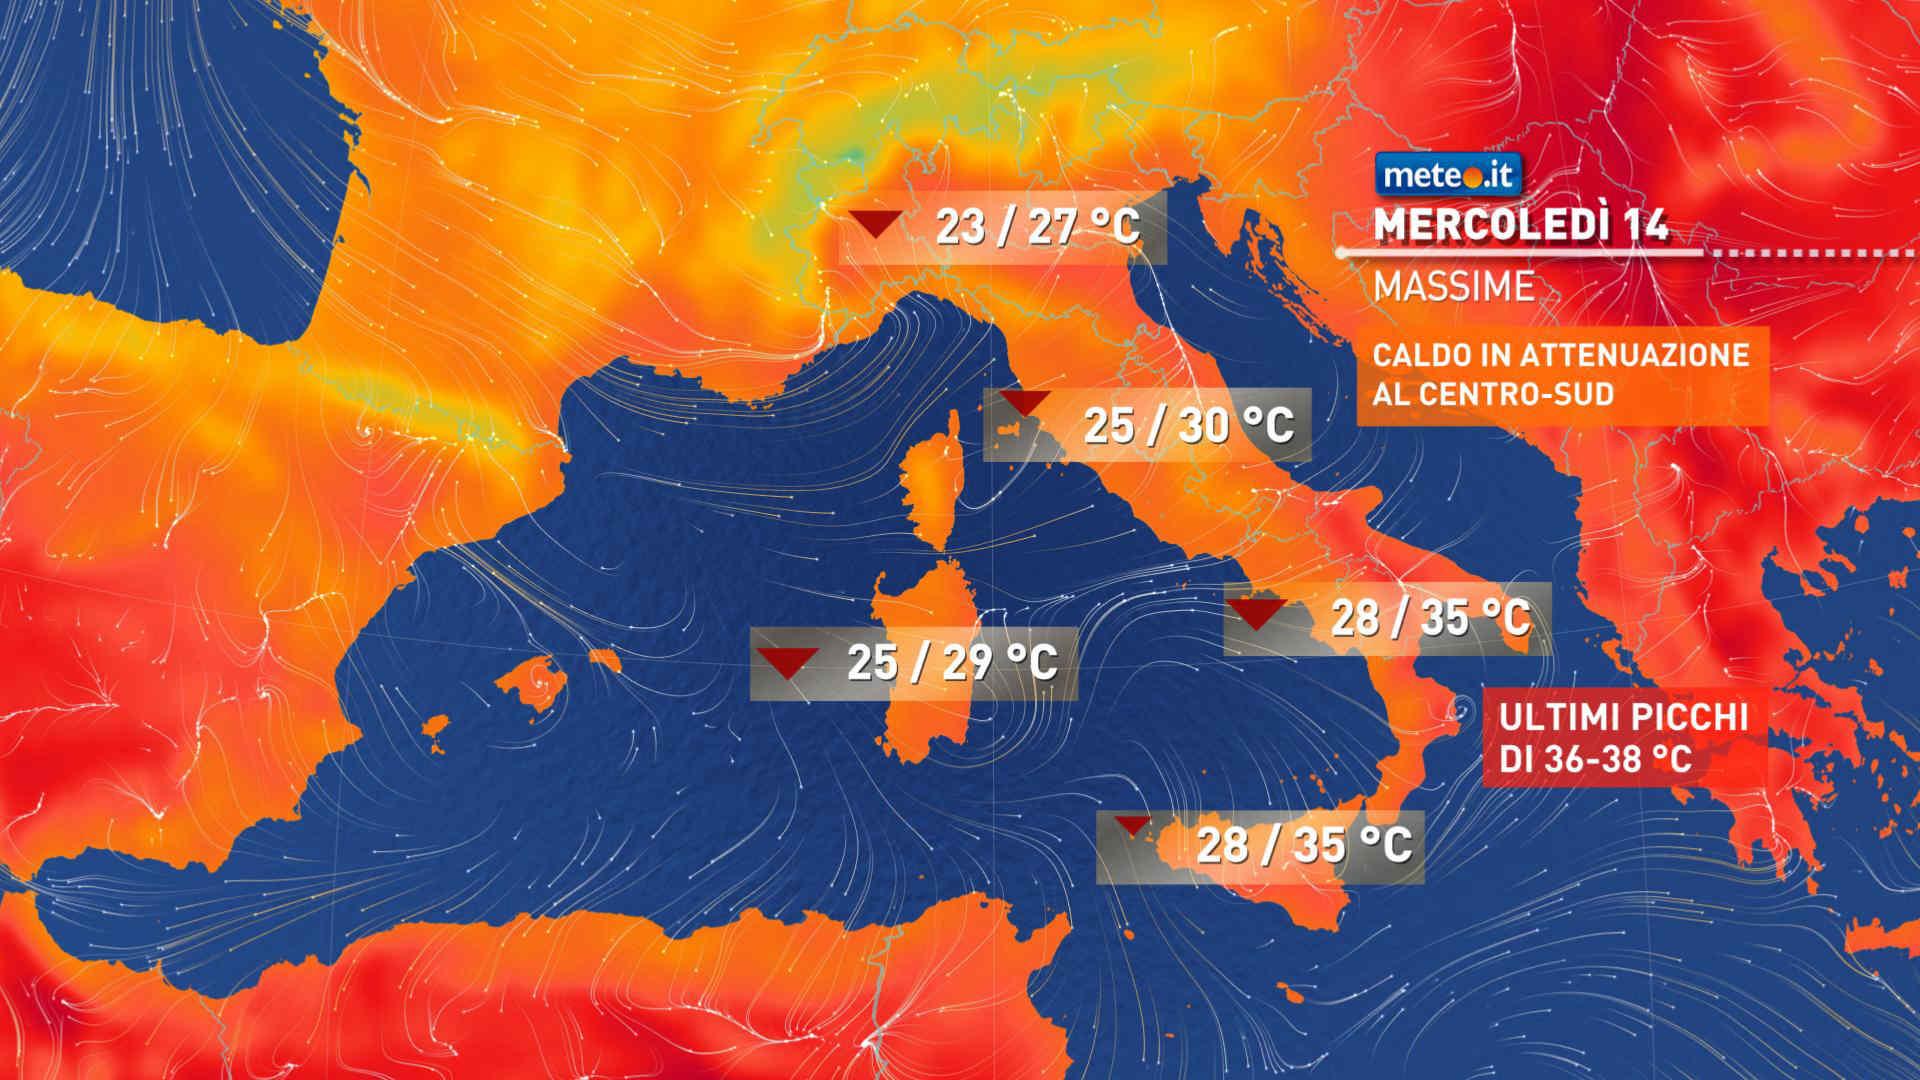 Meteo, mercoledì 14 luglio l'aria fresca che segue la perturbazione si spingerà verso sud